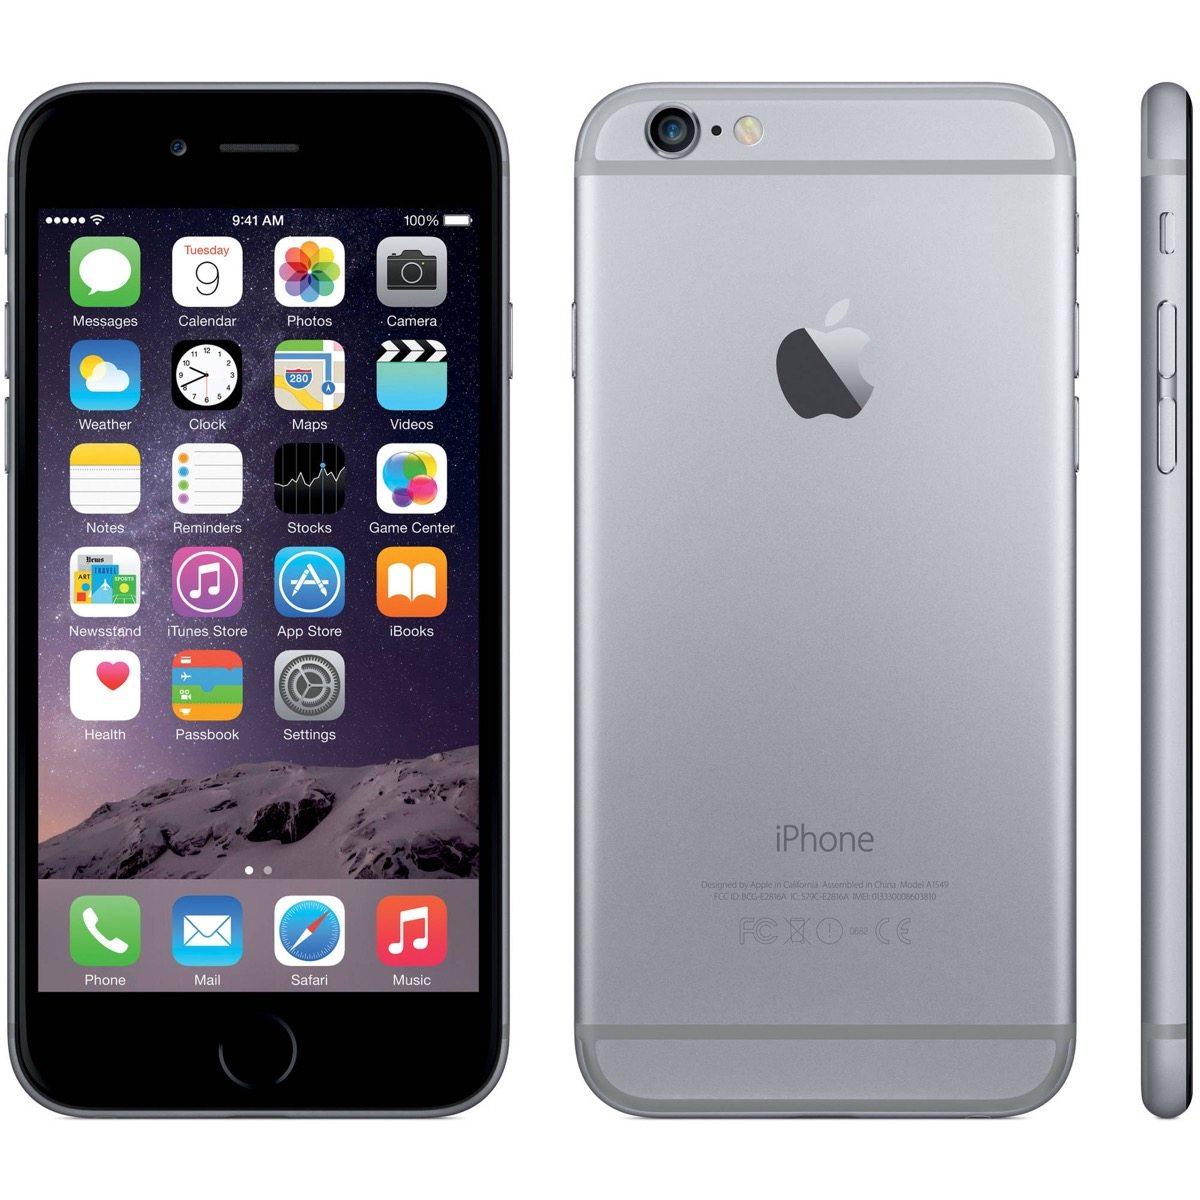 iPhone 6 contro iPhone 5s